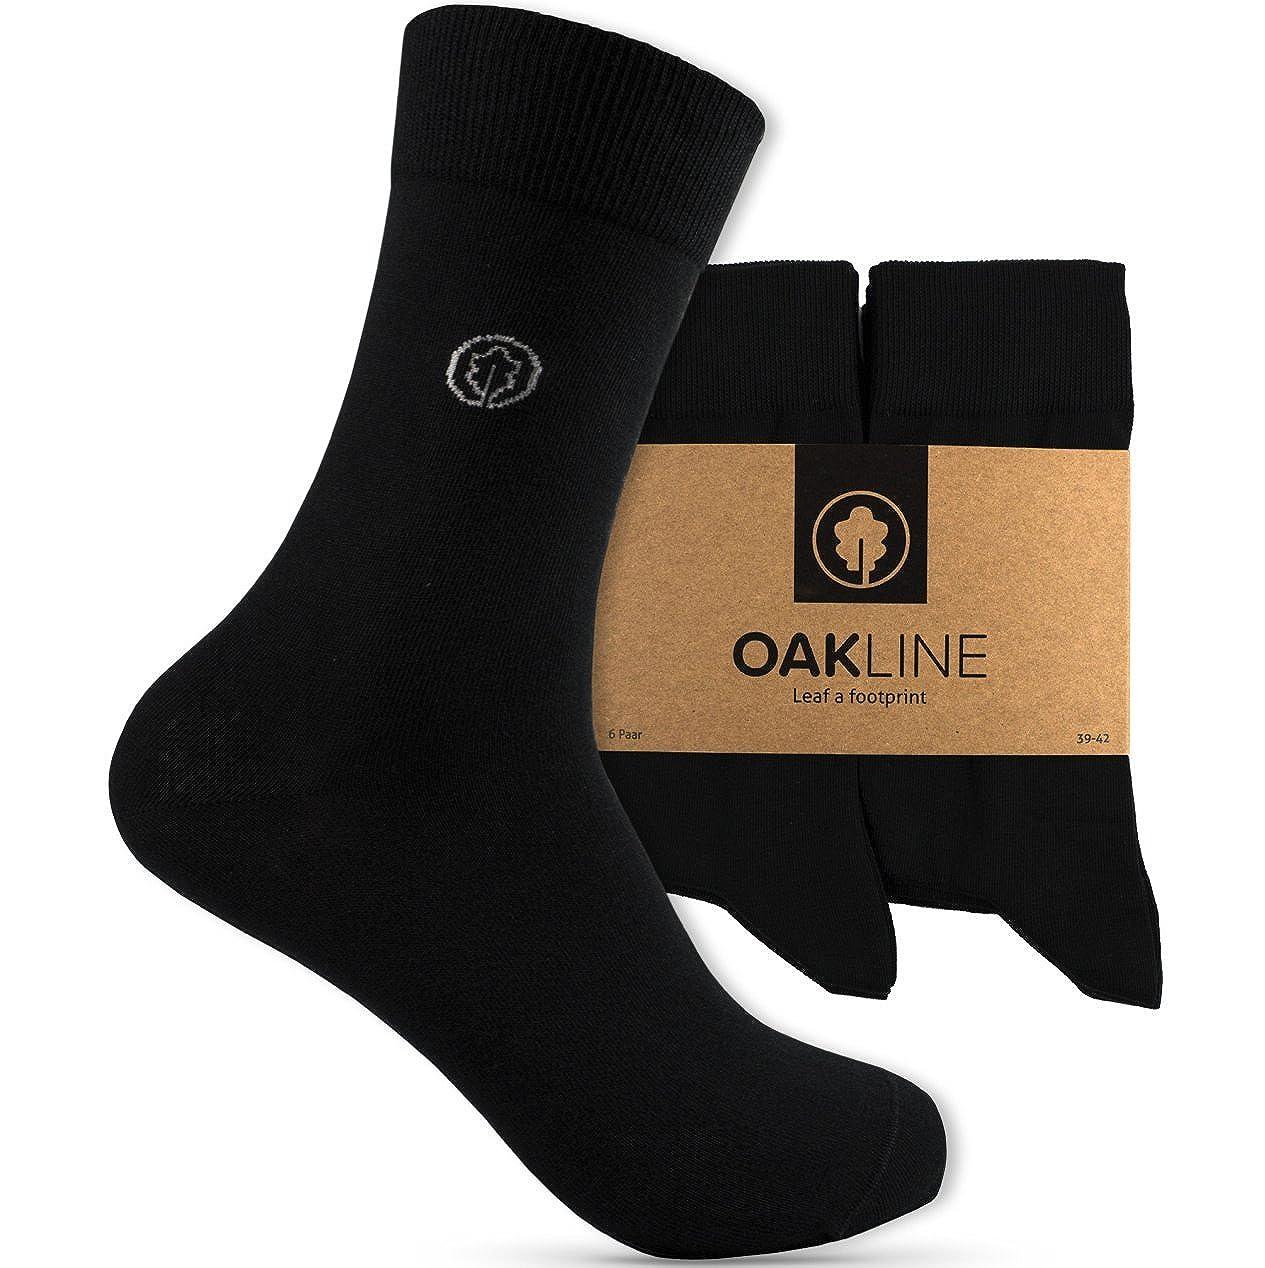 OAKLINE Rebel Black Original Unisex Damen- und Herrensocken - 6 Paar - 503016